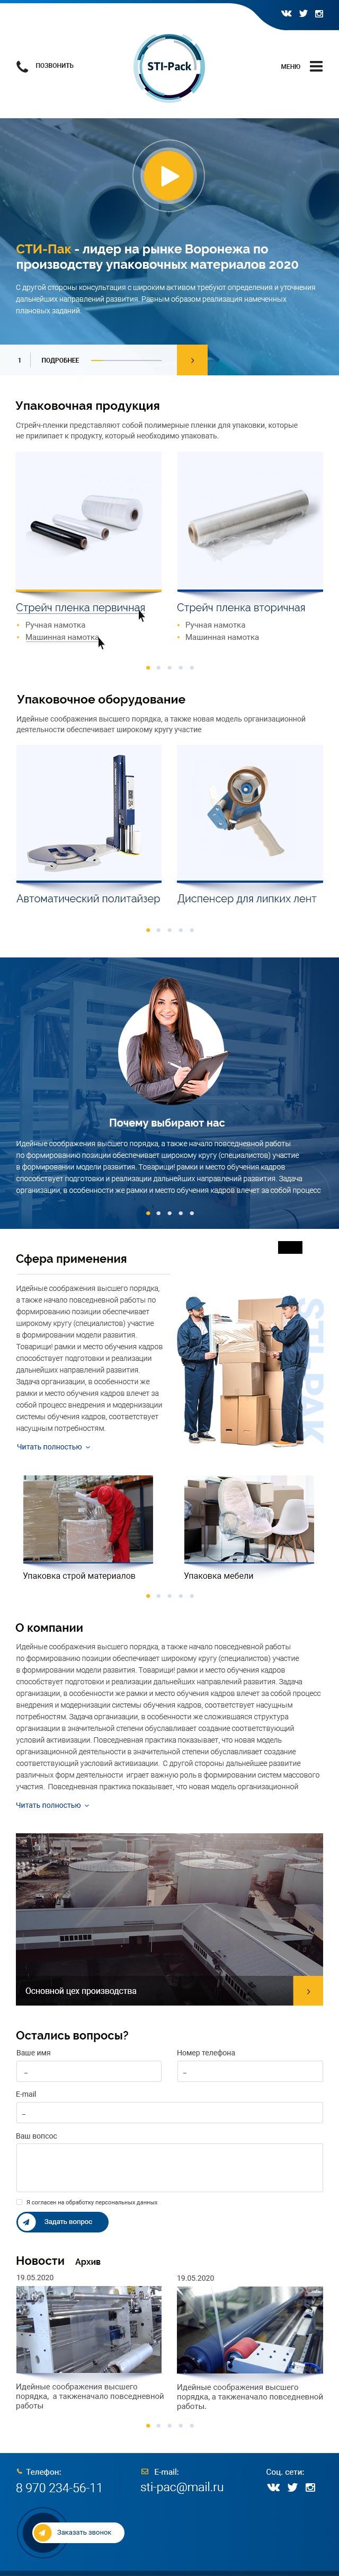 примеры сайтов производства СТИ-Пак 640 px